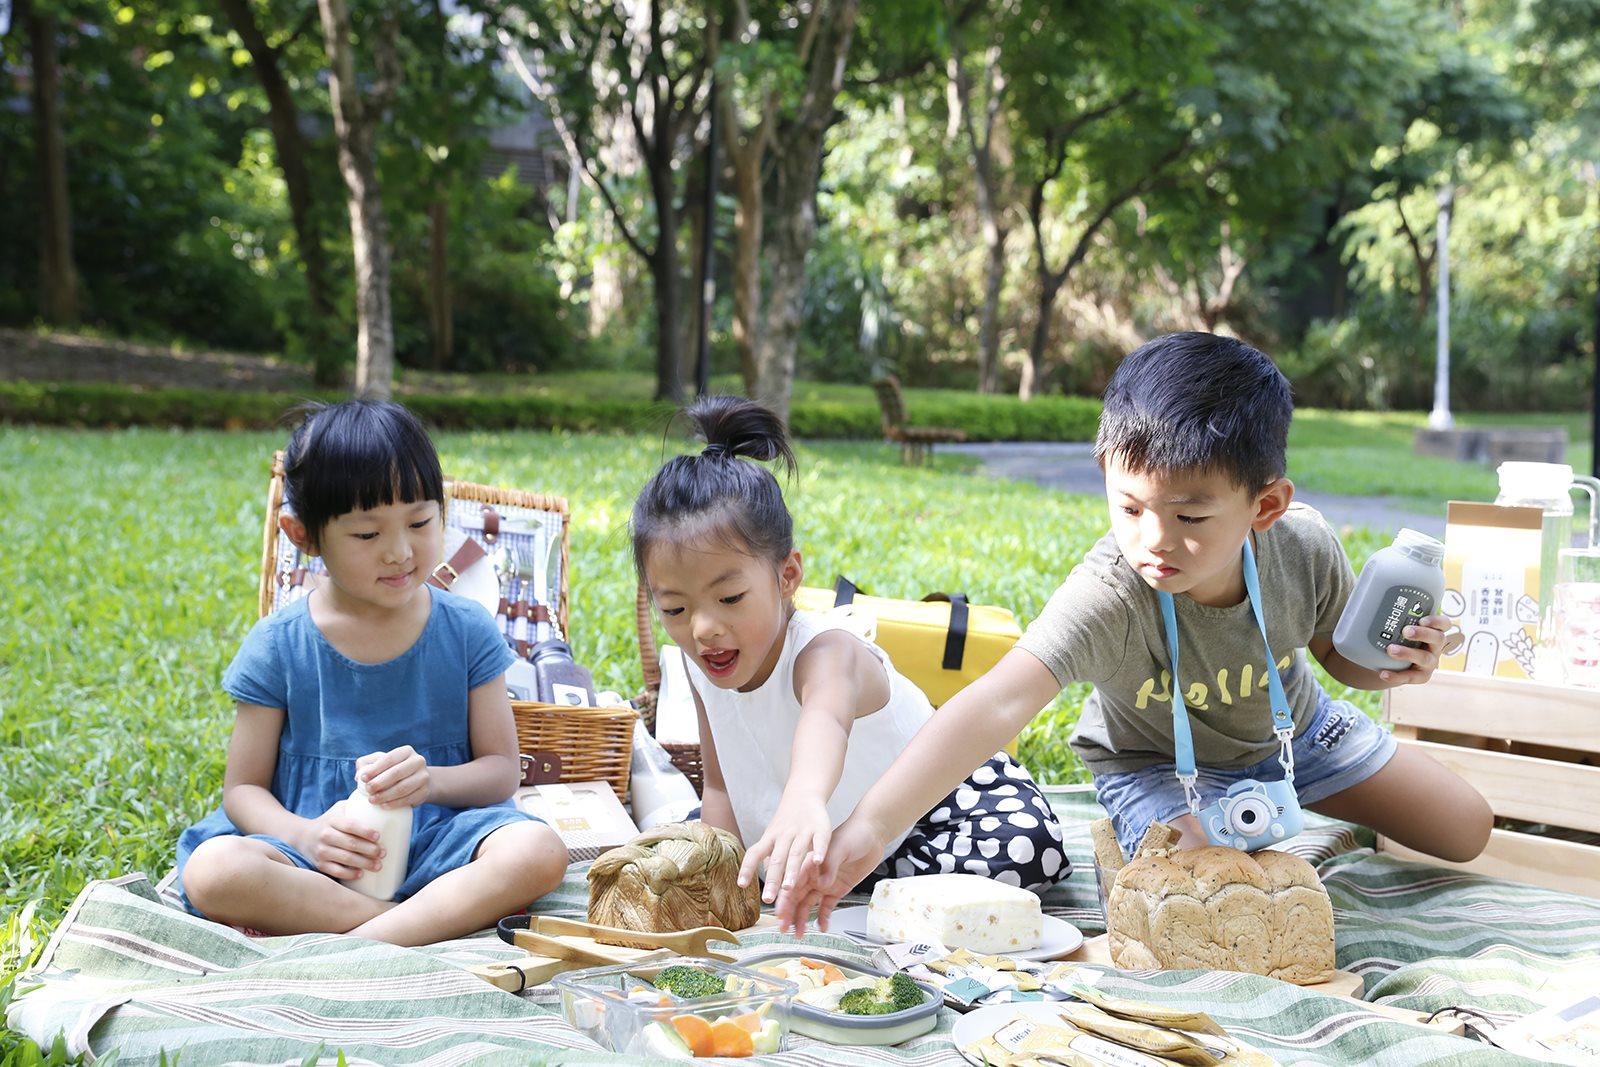 禾乃川野餐便當美味推薦!營養黑豆腐和手工豆干如何入菜